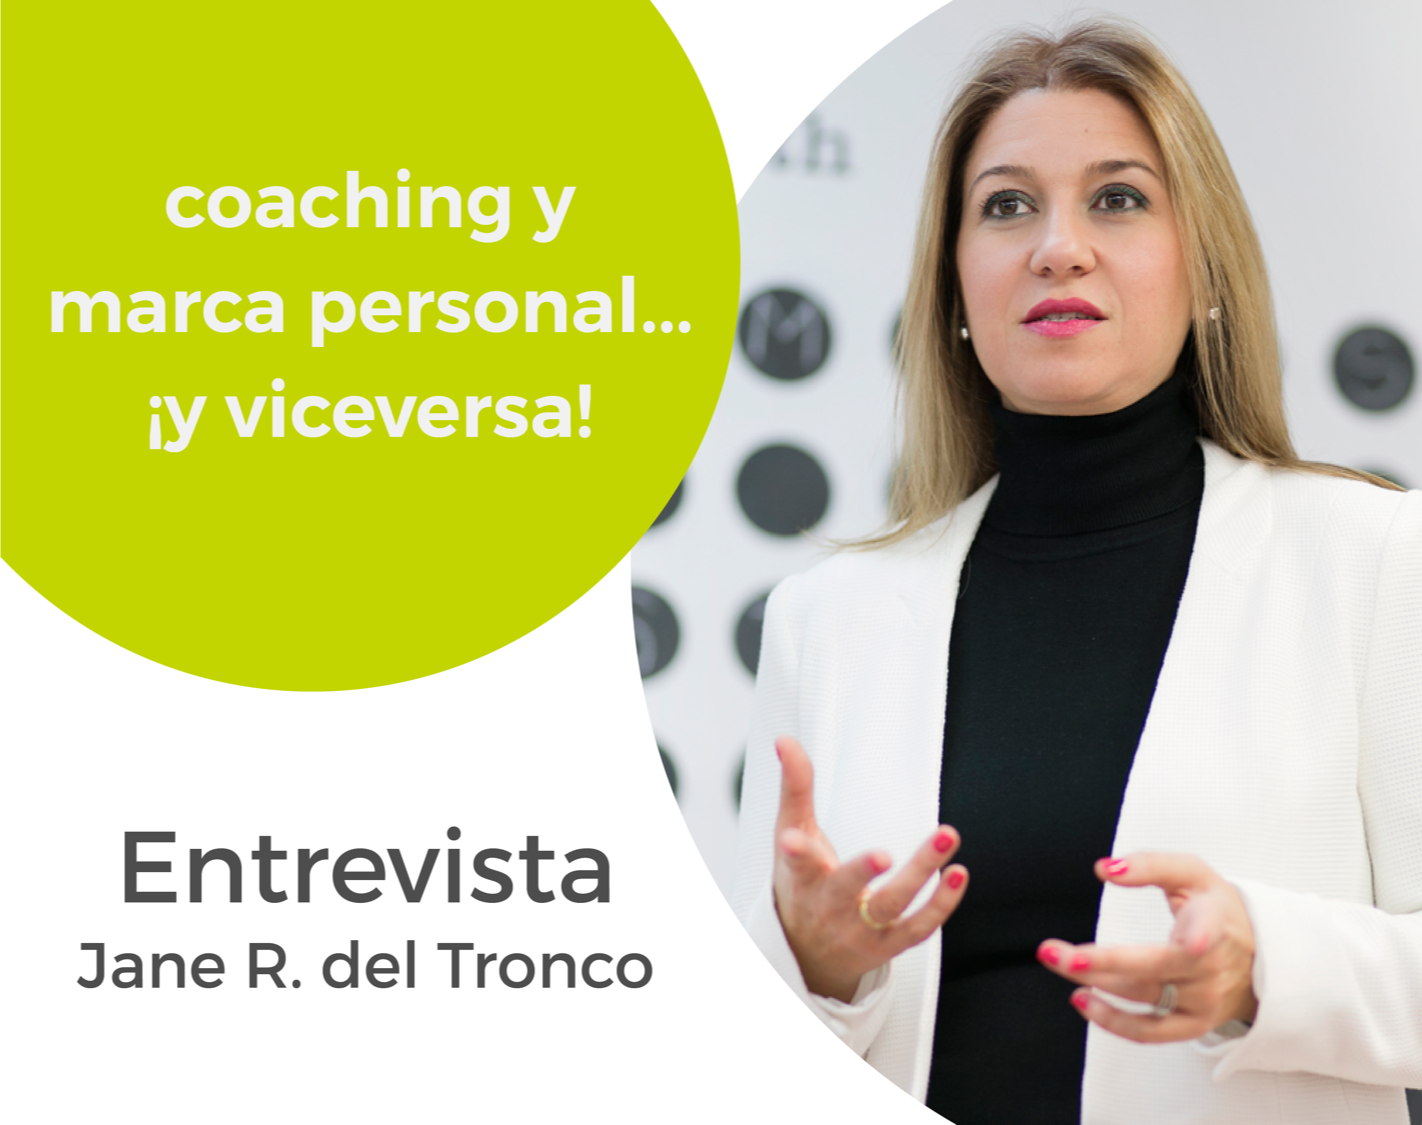 Coaching, marca personal… ¡y viceversa! Entrevista a Jane Rodríguez del Tronco